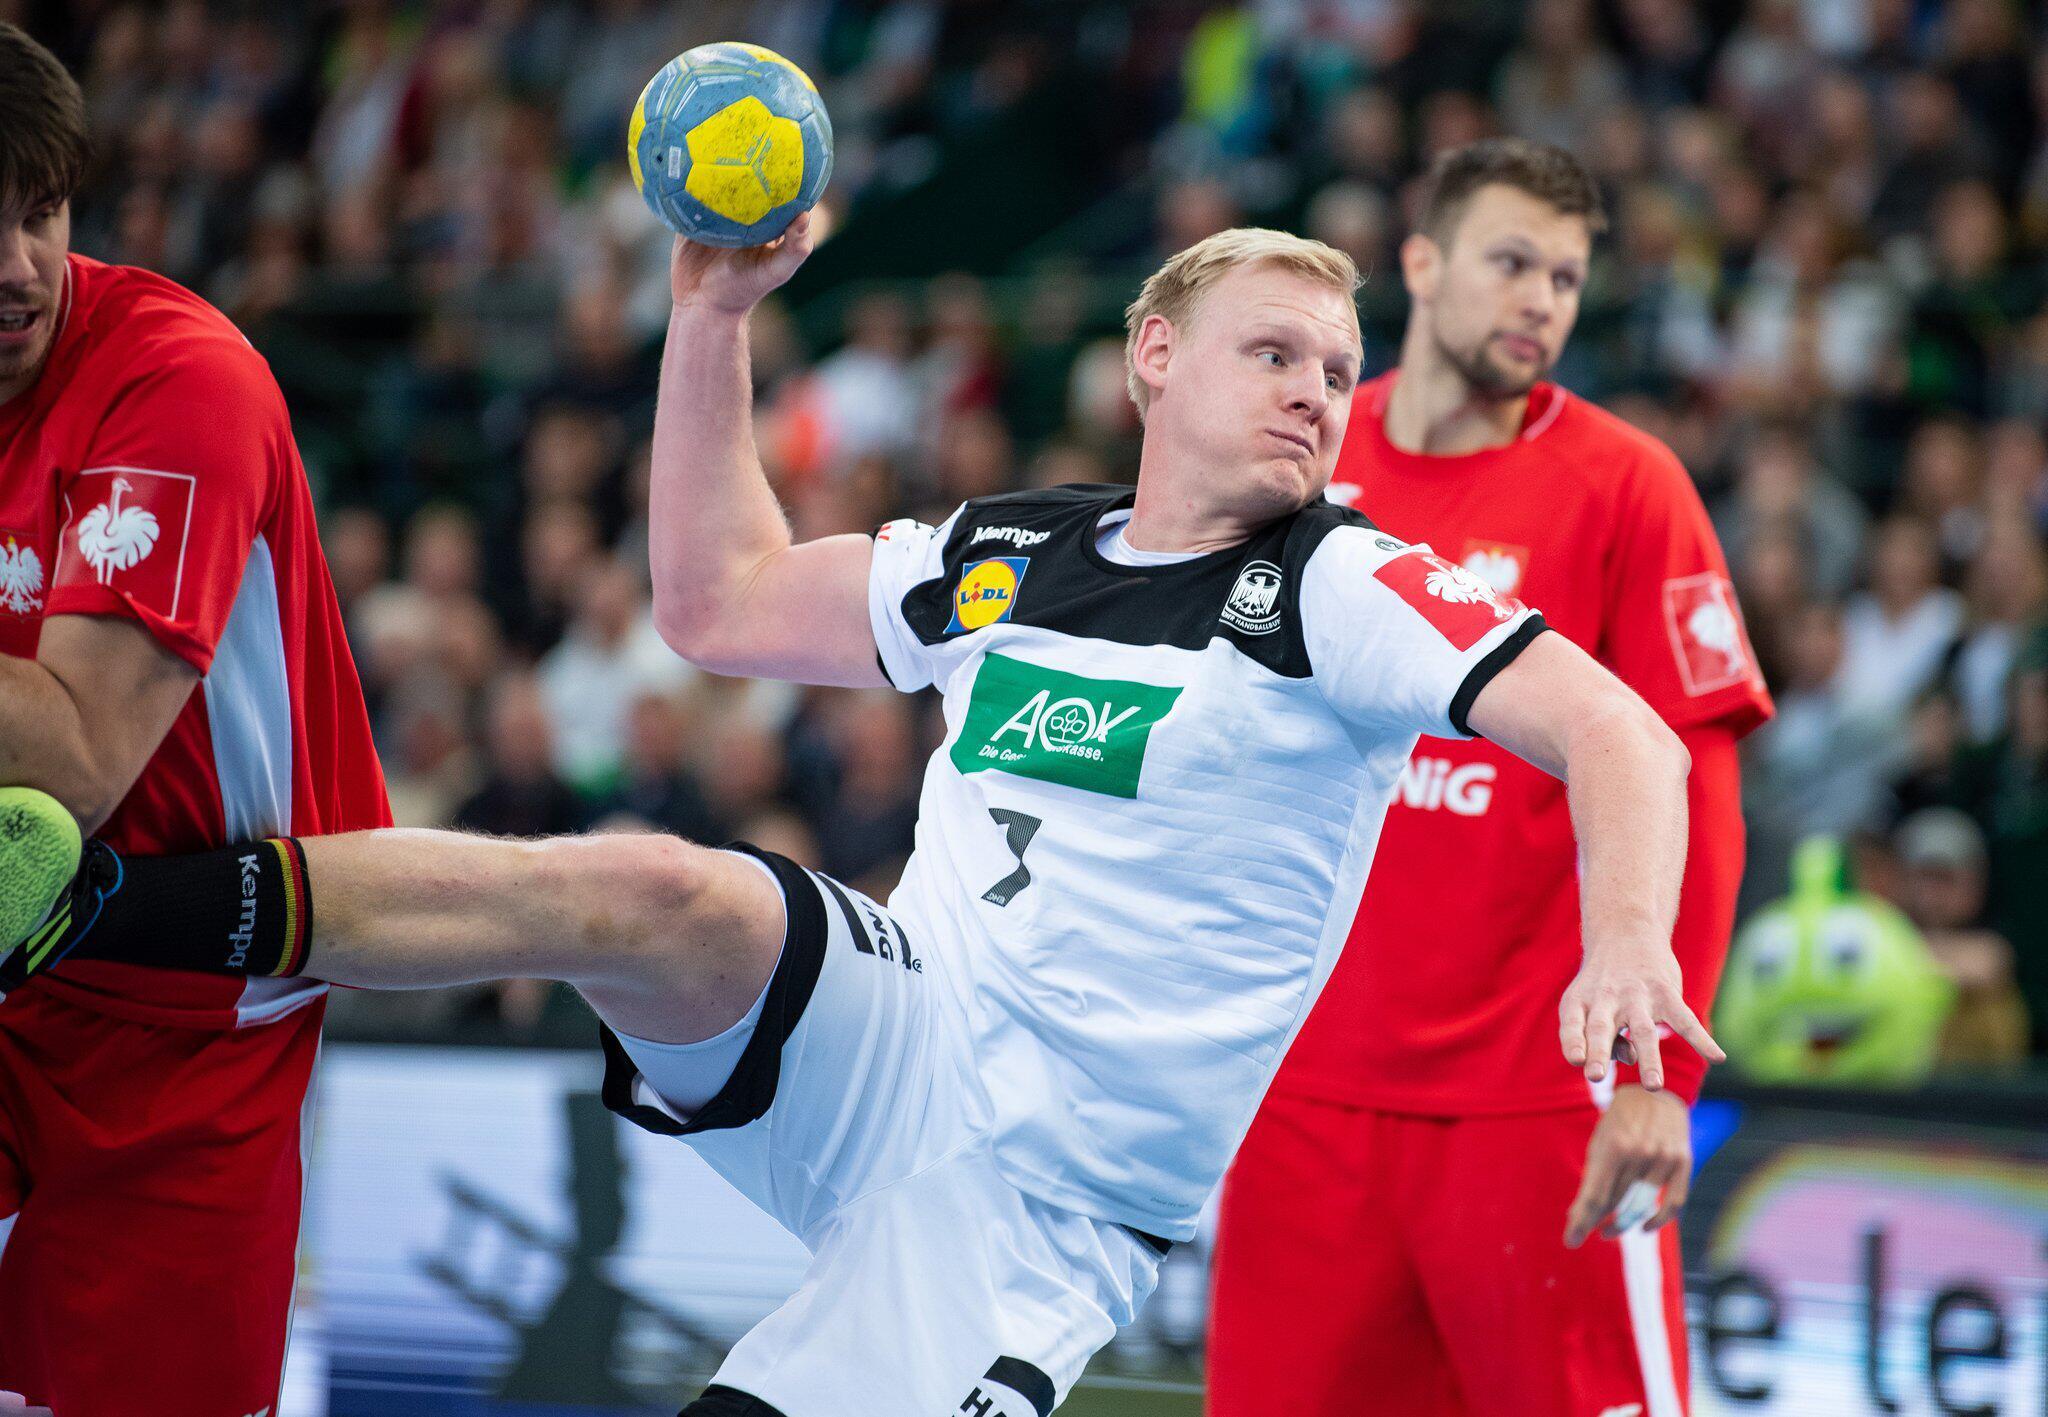 Bild zu Handball, EM, Qualifikation, Deutschland, Polen, Länderspiel, Halle, Patrick Wiencek